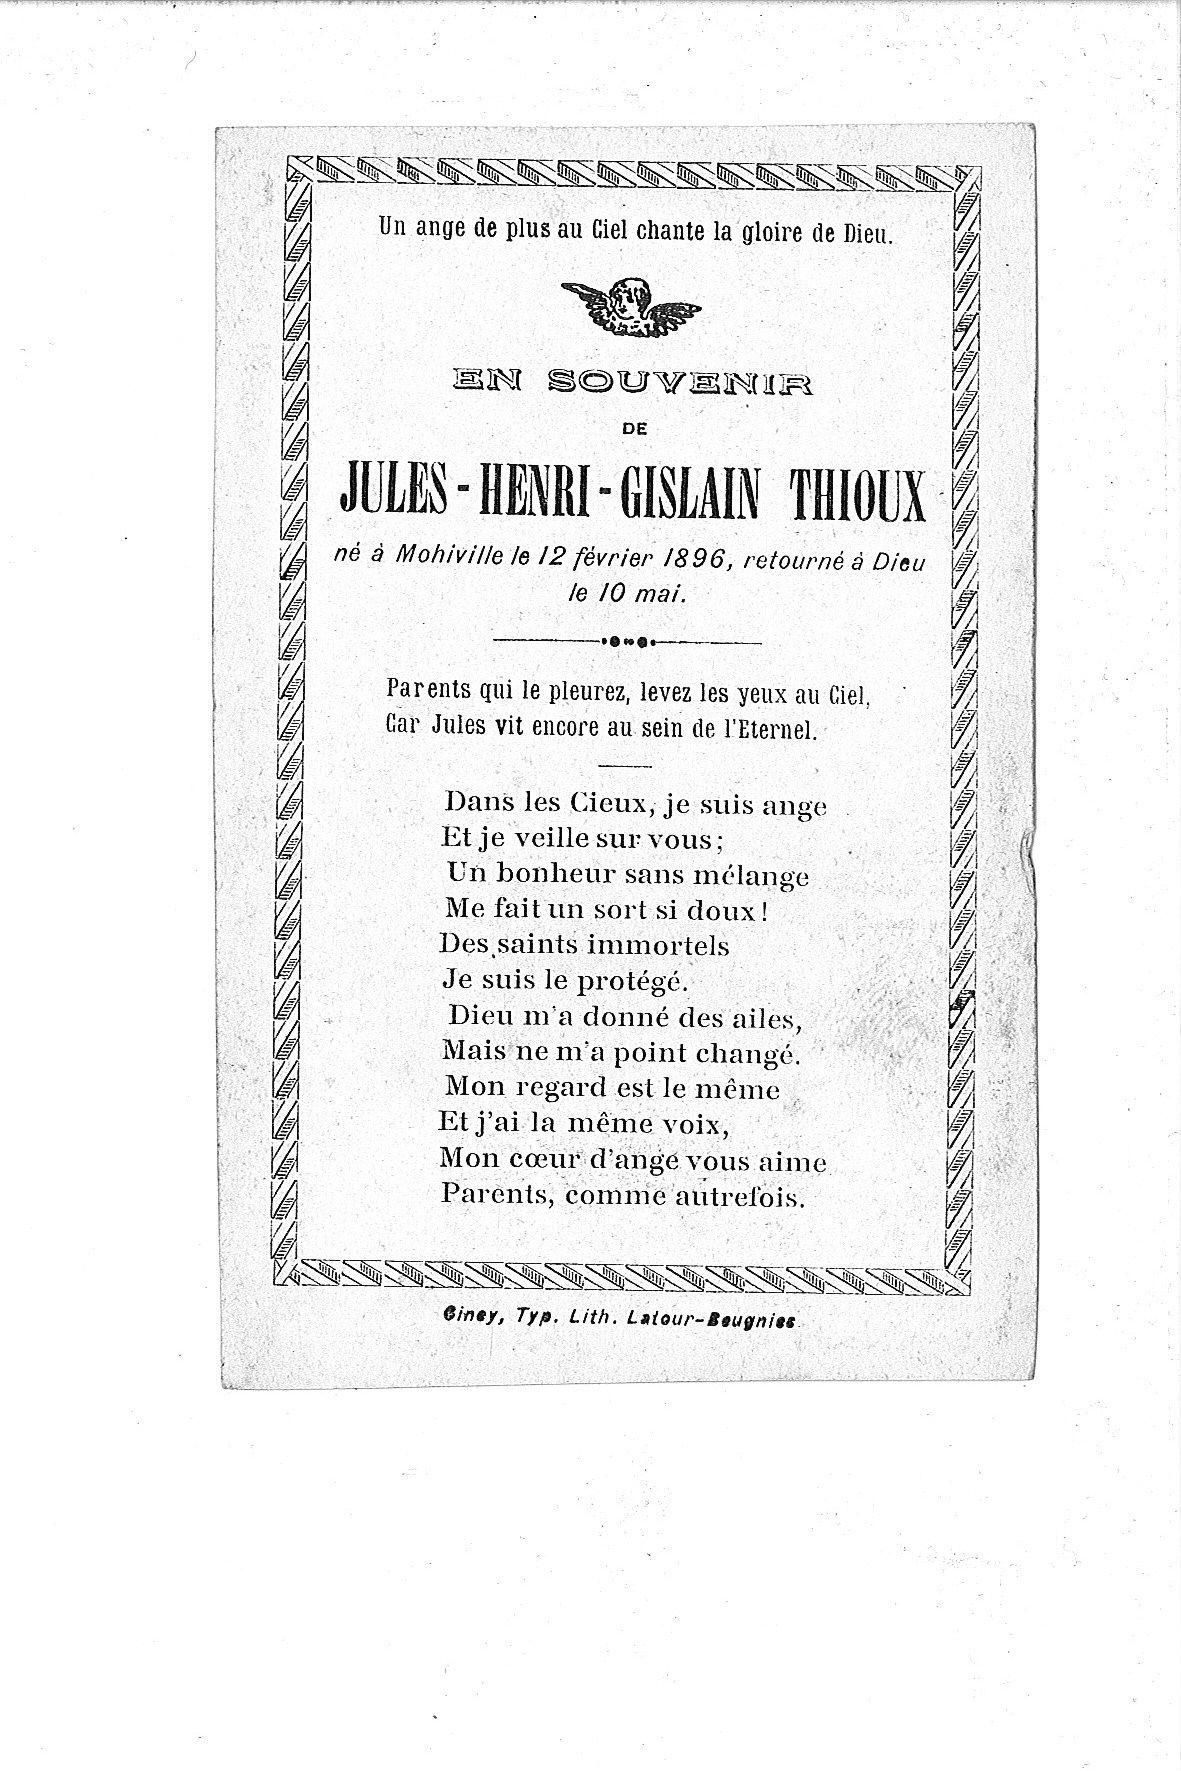 Jules-Henri(1896)20091103090156_00061.jpg